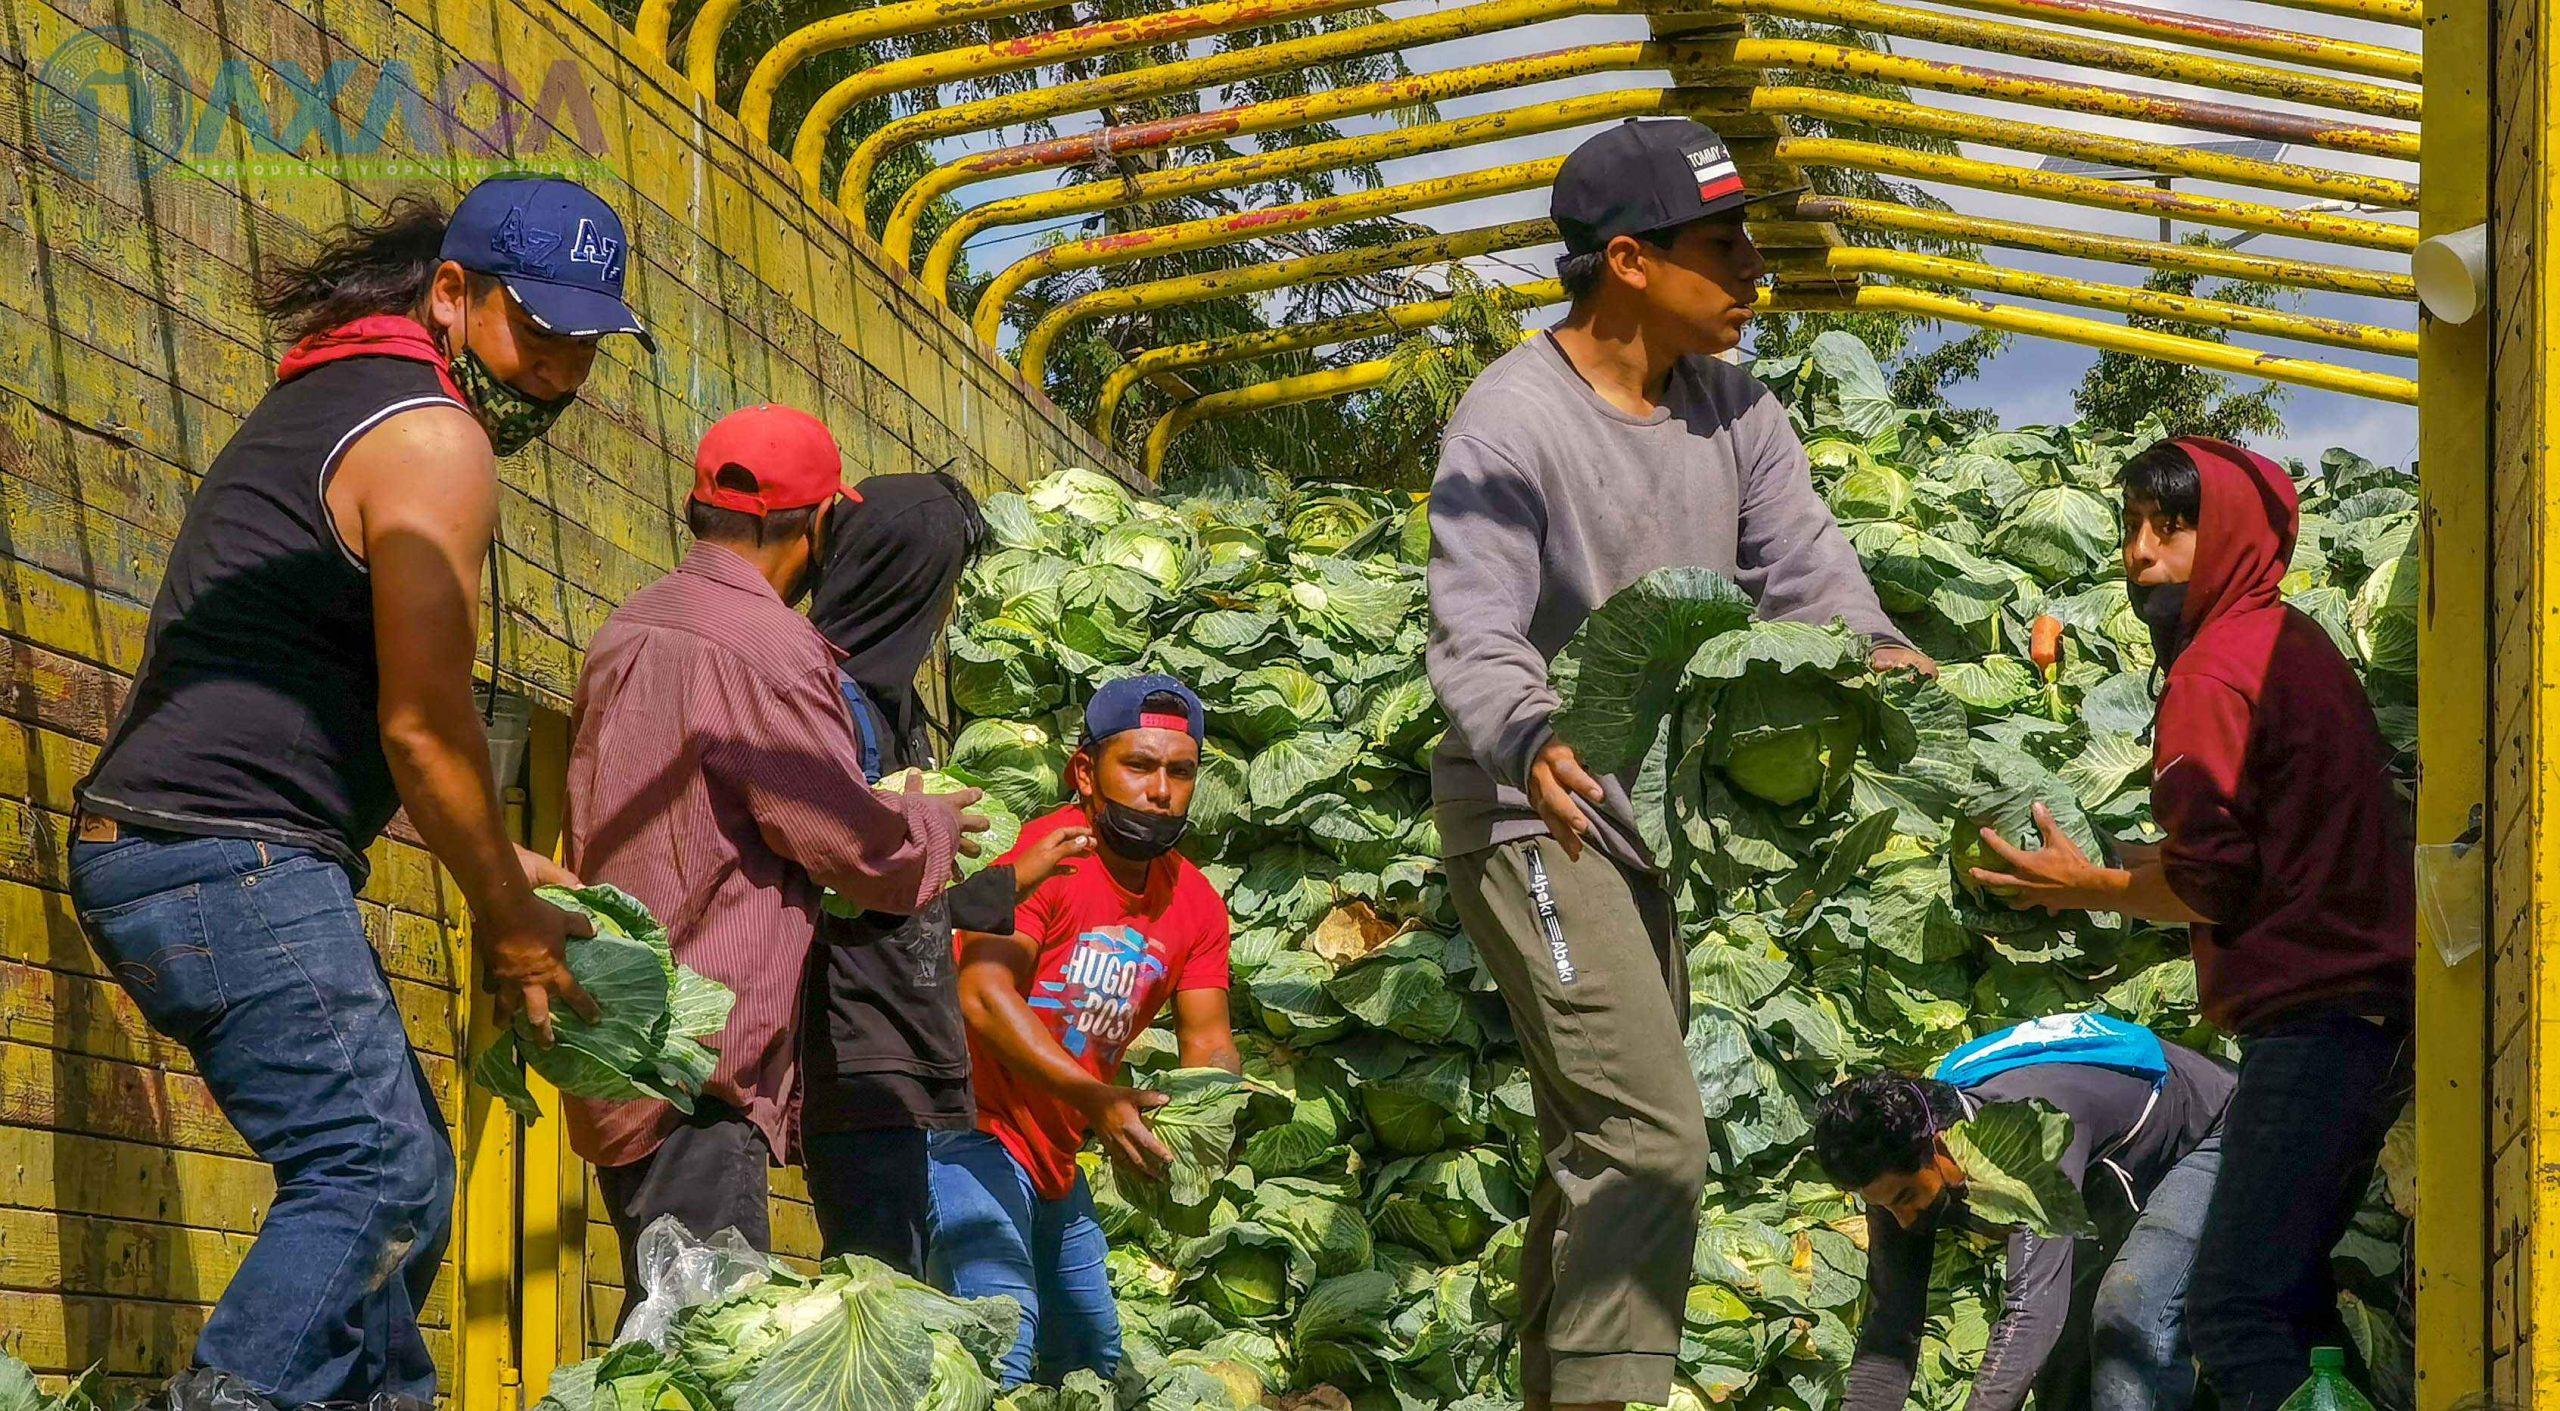 Nuevamente regalarán verduras agricultores de Puebla, ahora en San Juan Chapultepec, Oaxaca